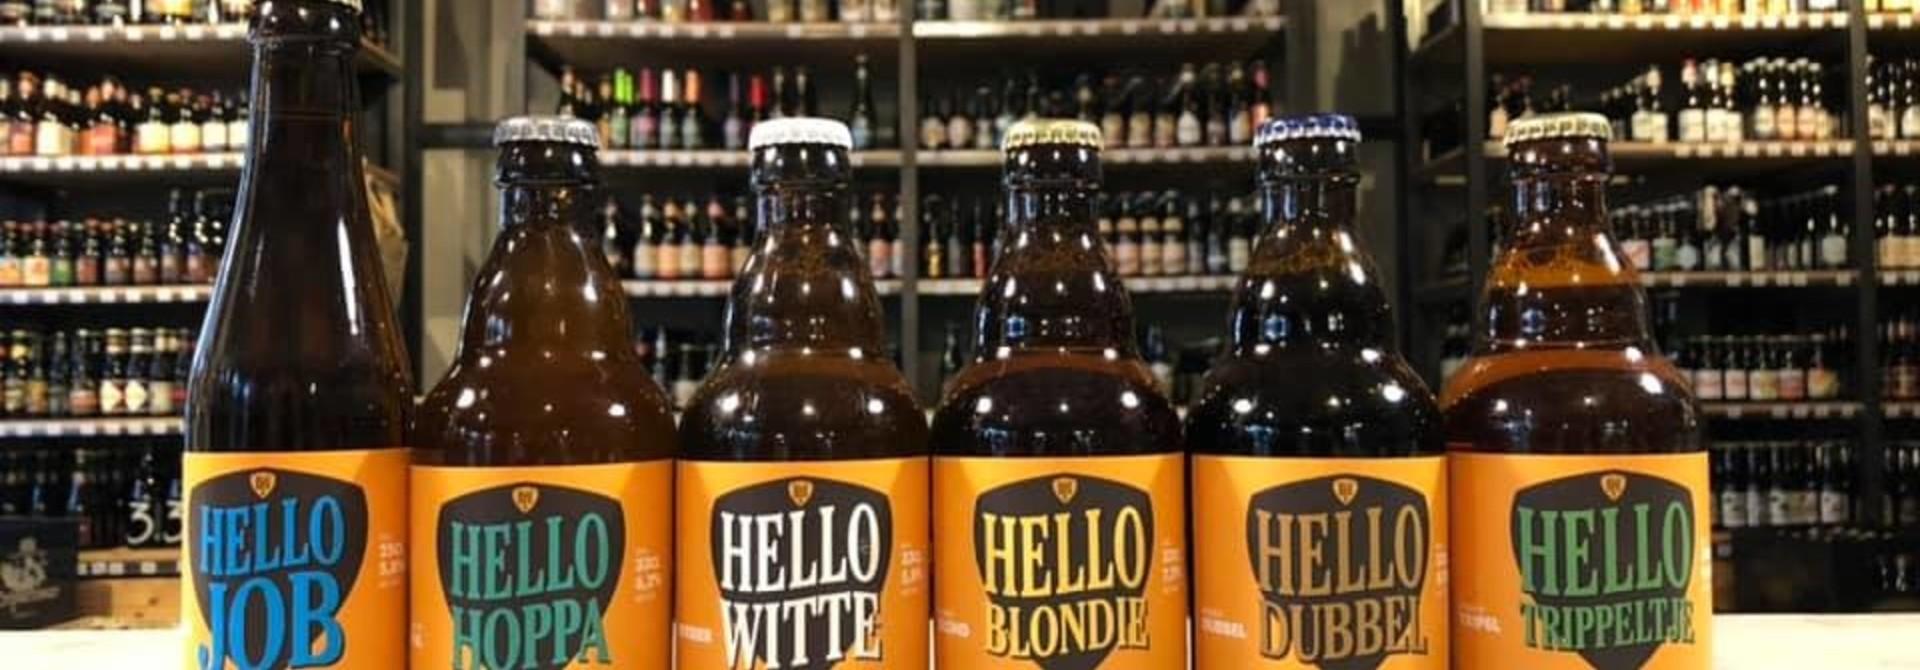 Beschrijving speciaalbier – Hellobier bierproeverij